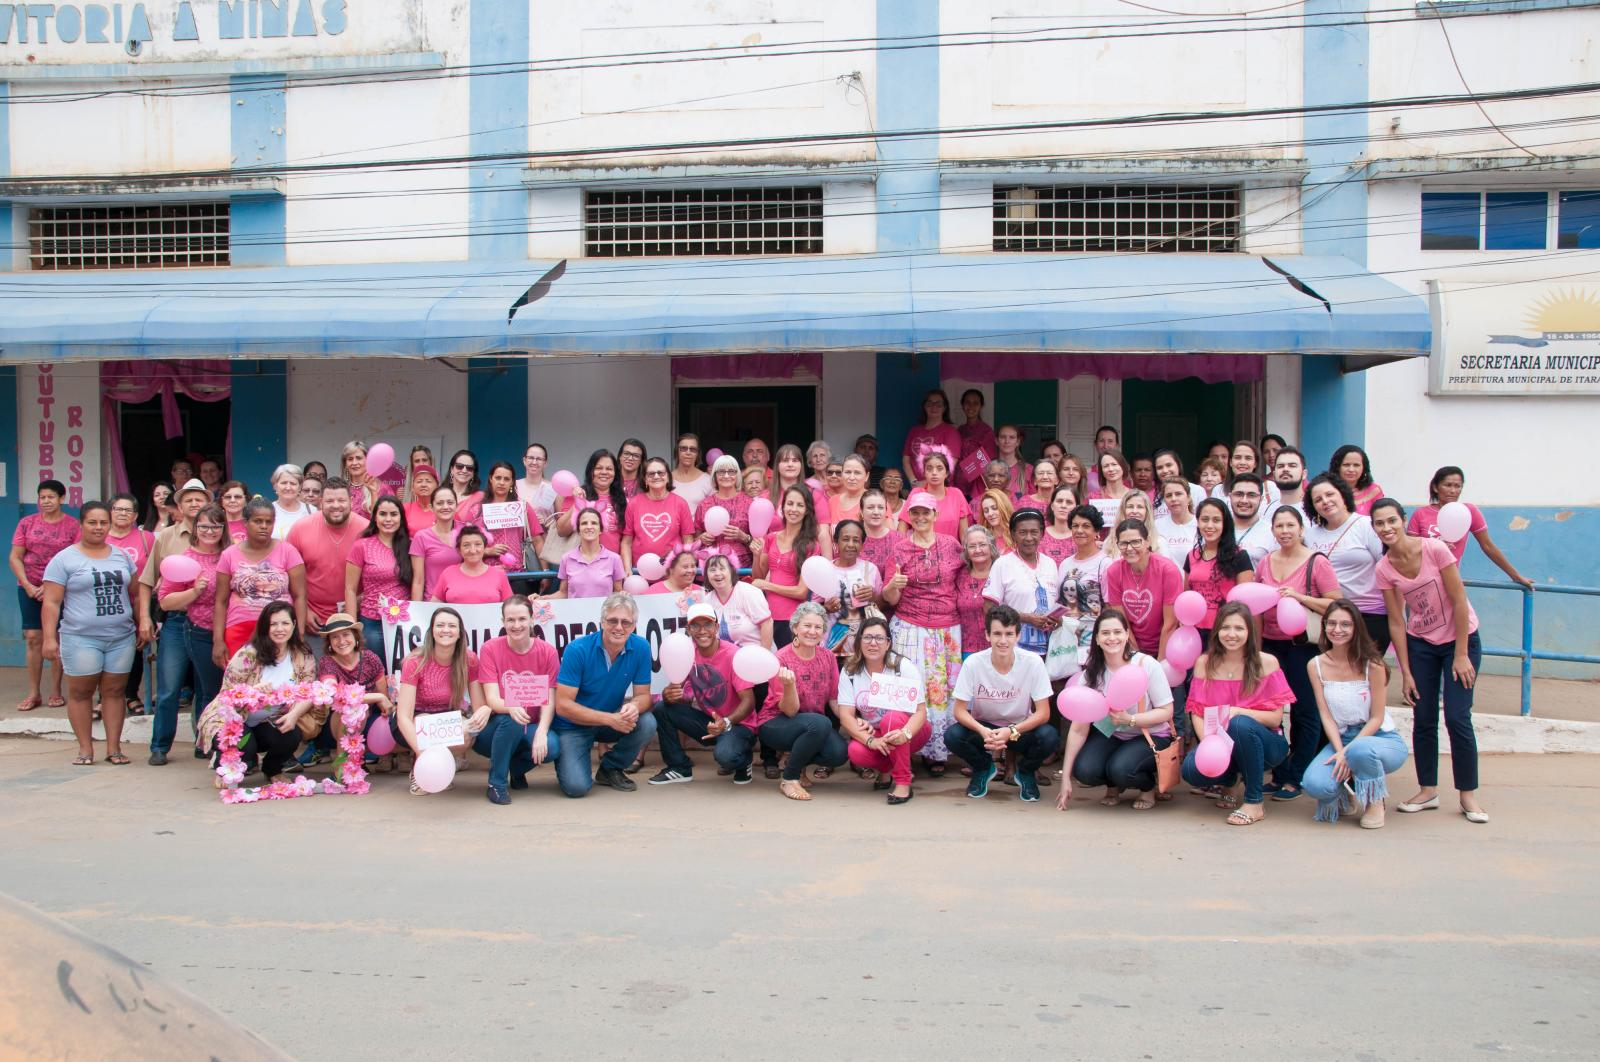 Caminhada em apoio ao Outubro Rosa mobilizou a cidade nesta sexta-feira (27)